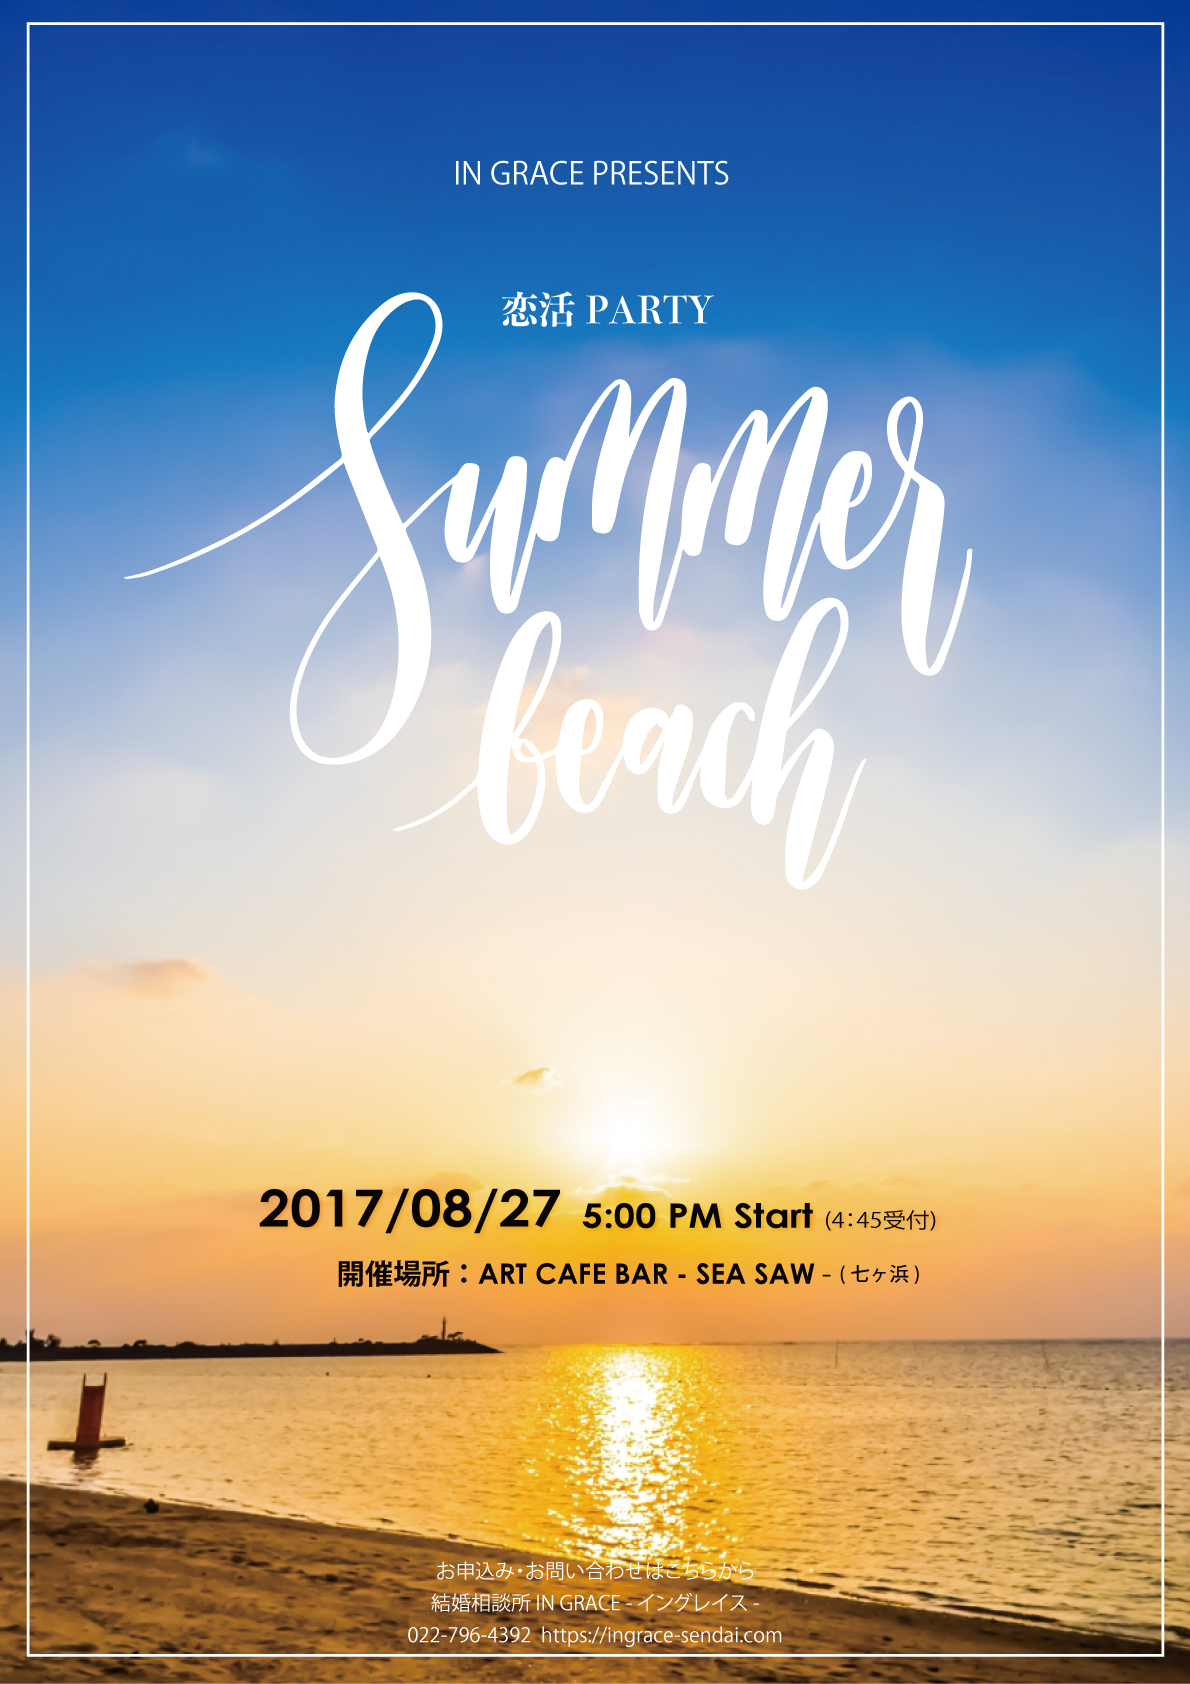 恋活party-Sunset-beach-in-七ヶ浜